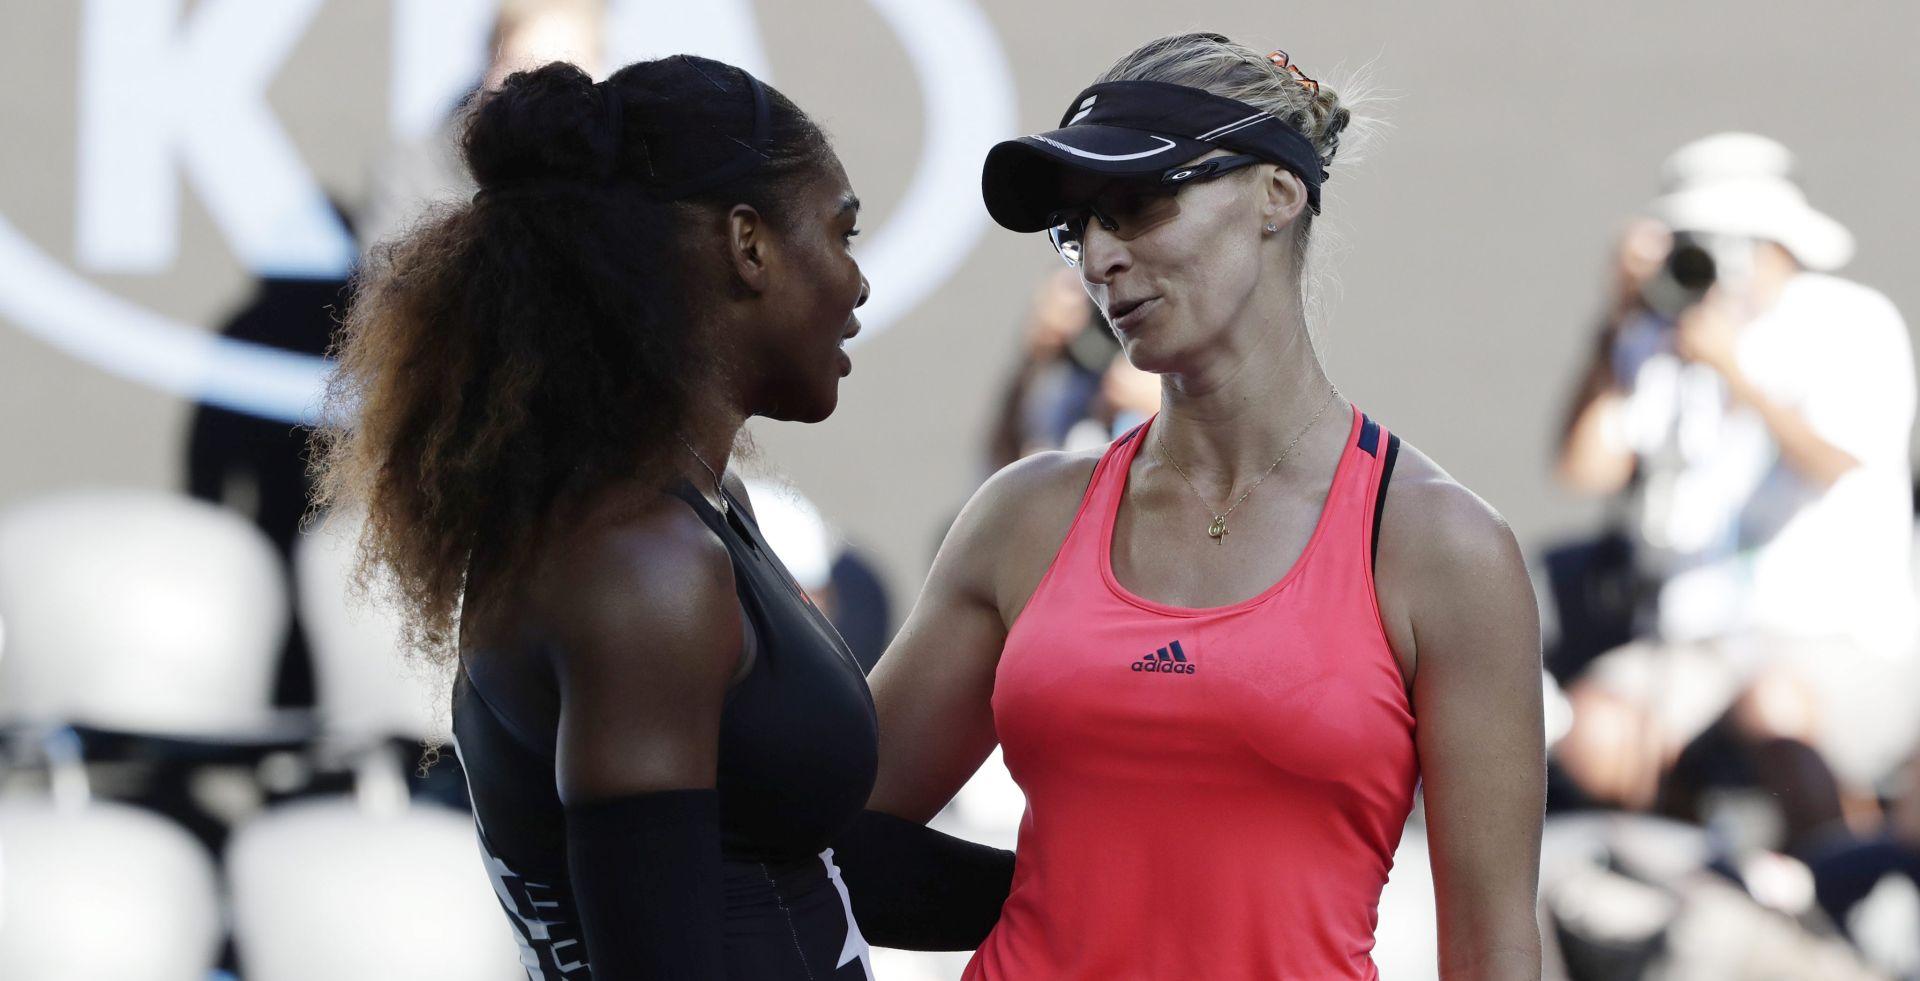 WTA LJESTVICA Lučić-Baroni i Konjuh izjednačile najbolje plasmane u karijeri